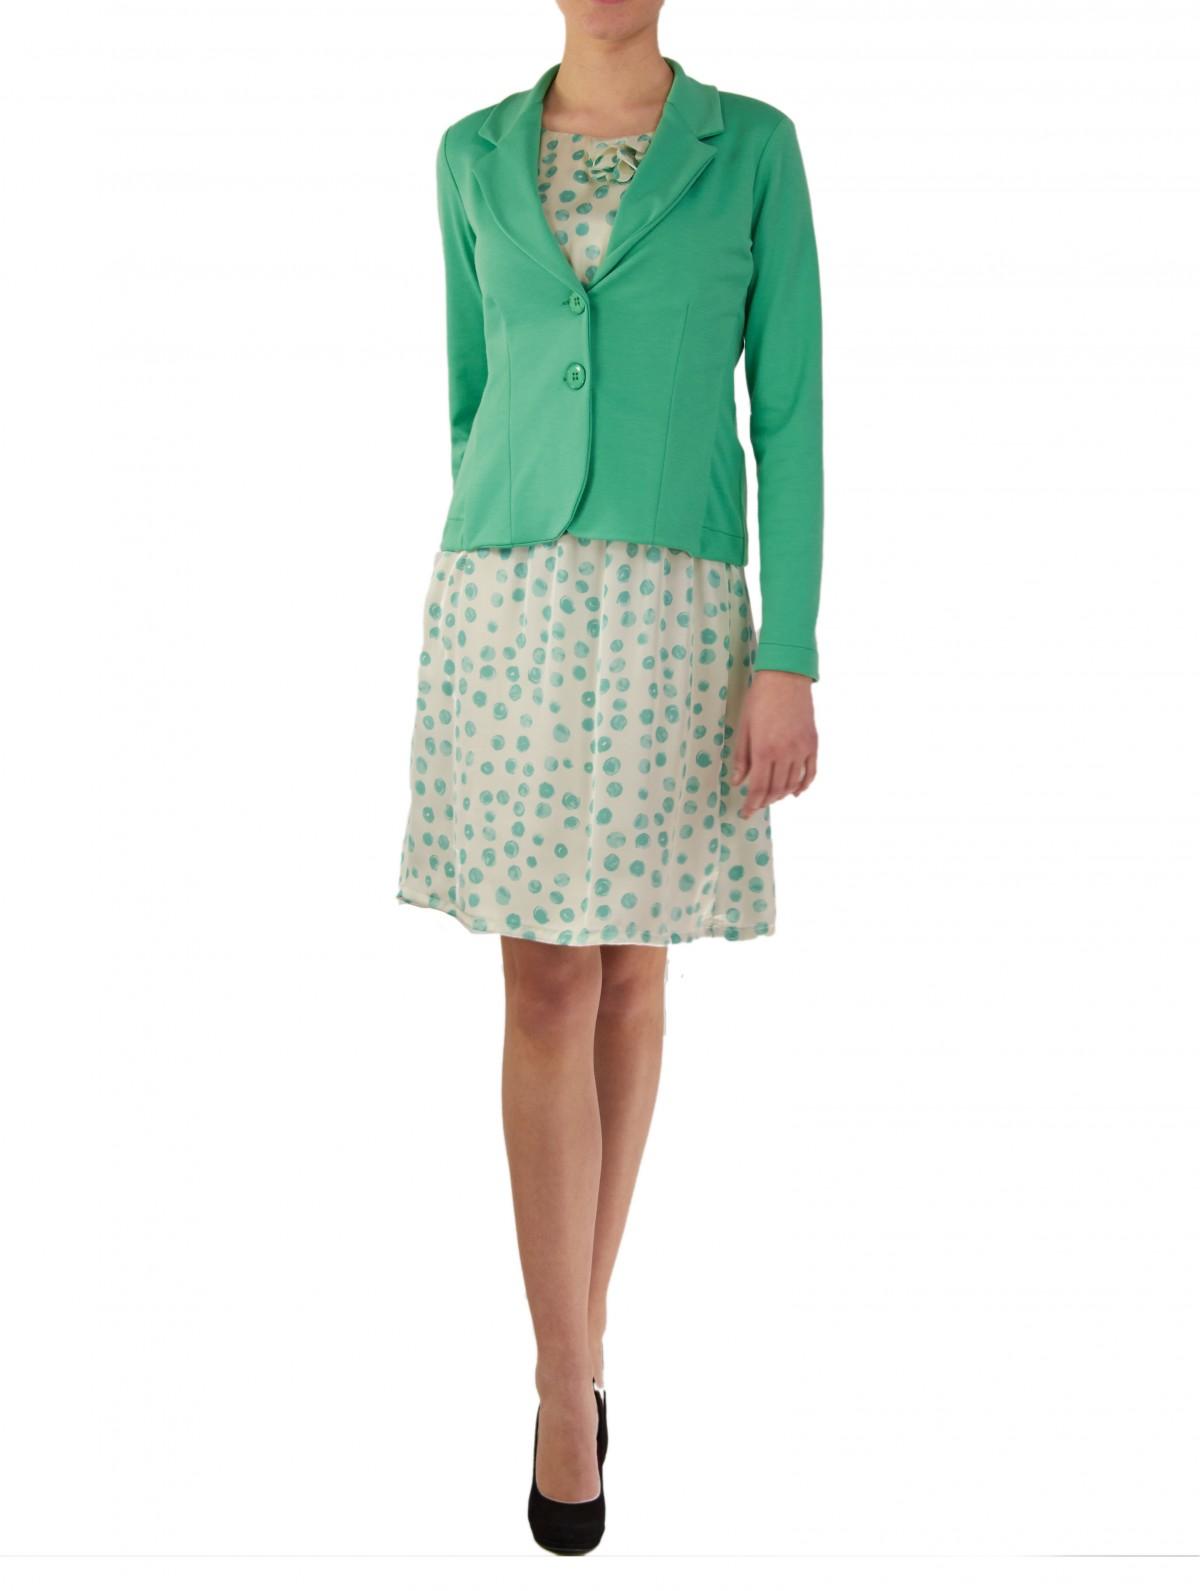 Satin Polka Dot Kleid in Grün